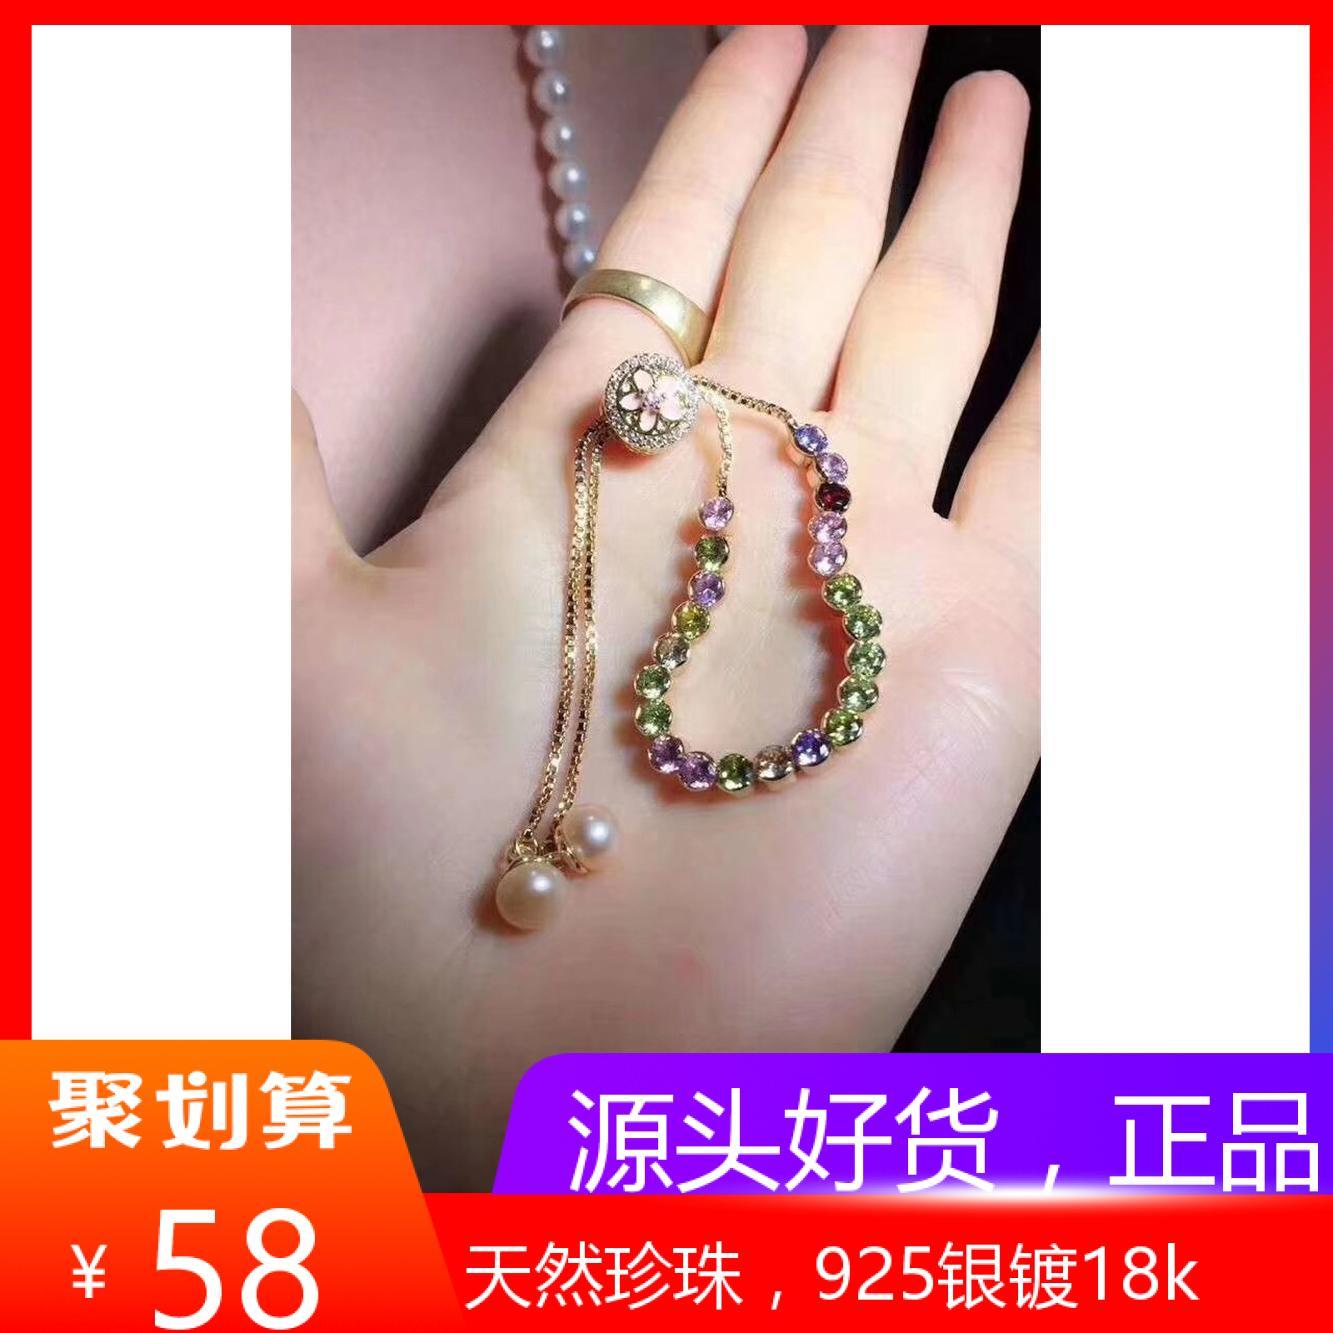 南海珍珠天然淡水真珍珠手链手镯925银镀18K赠礼盒包邮